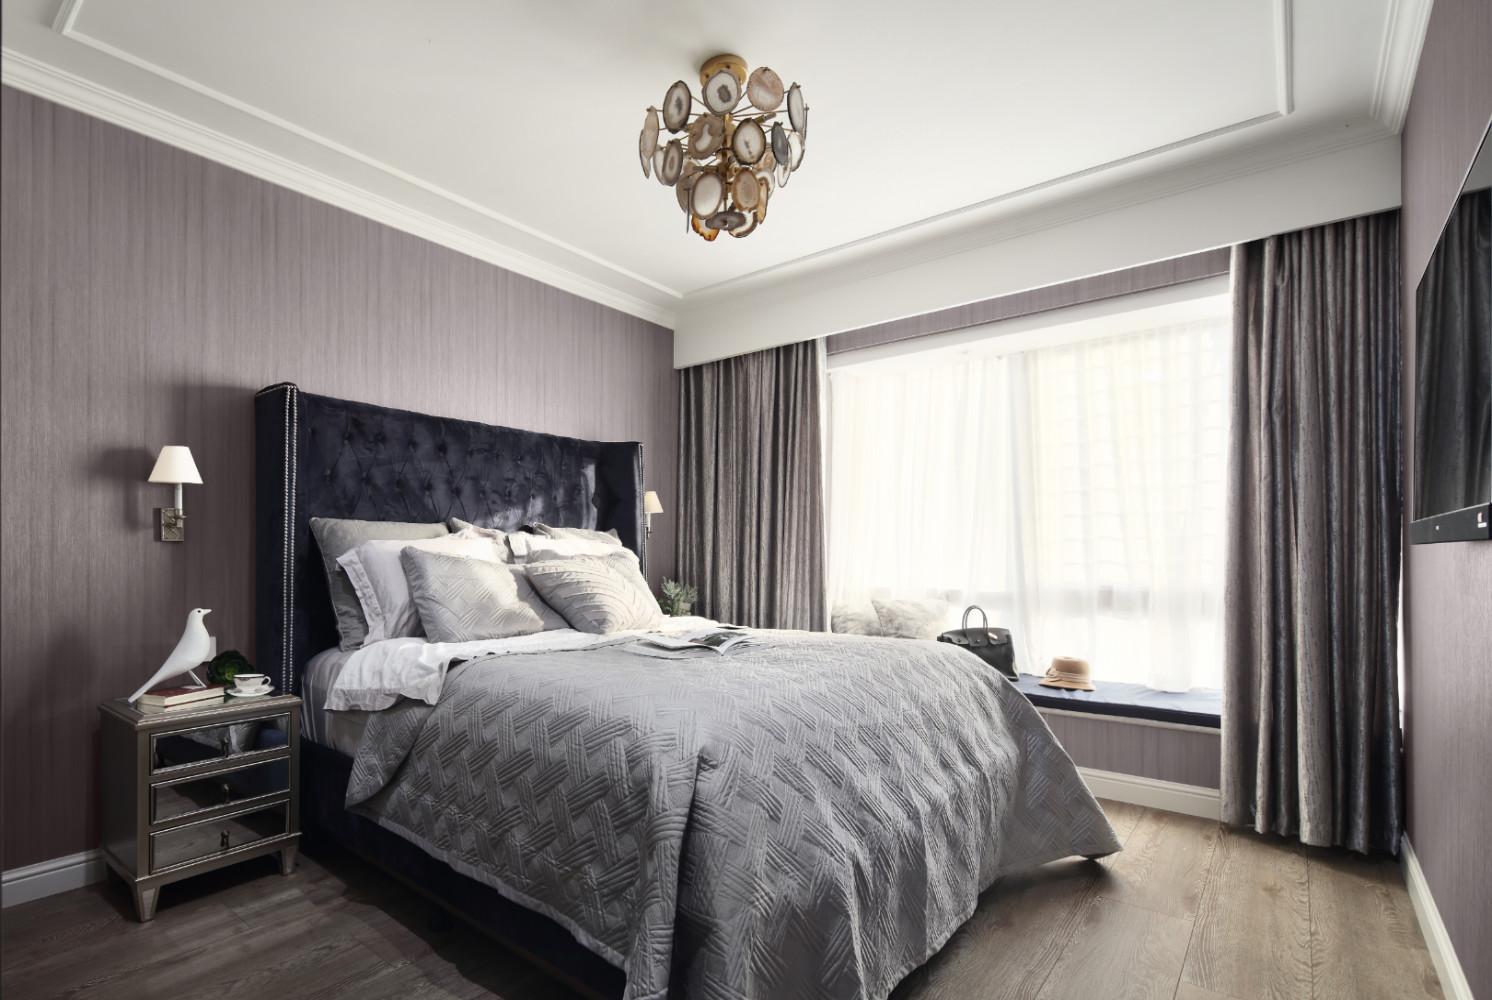 130㎡现代美式装修卧室效果图